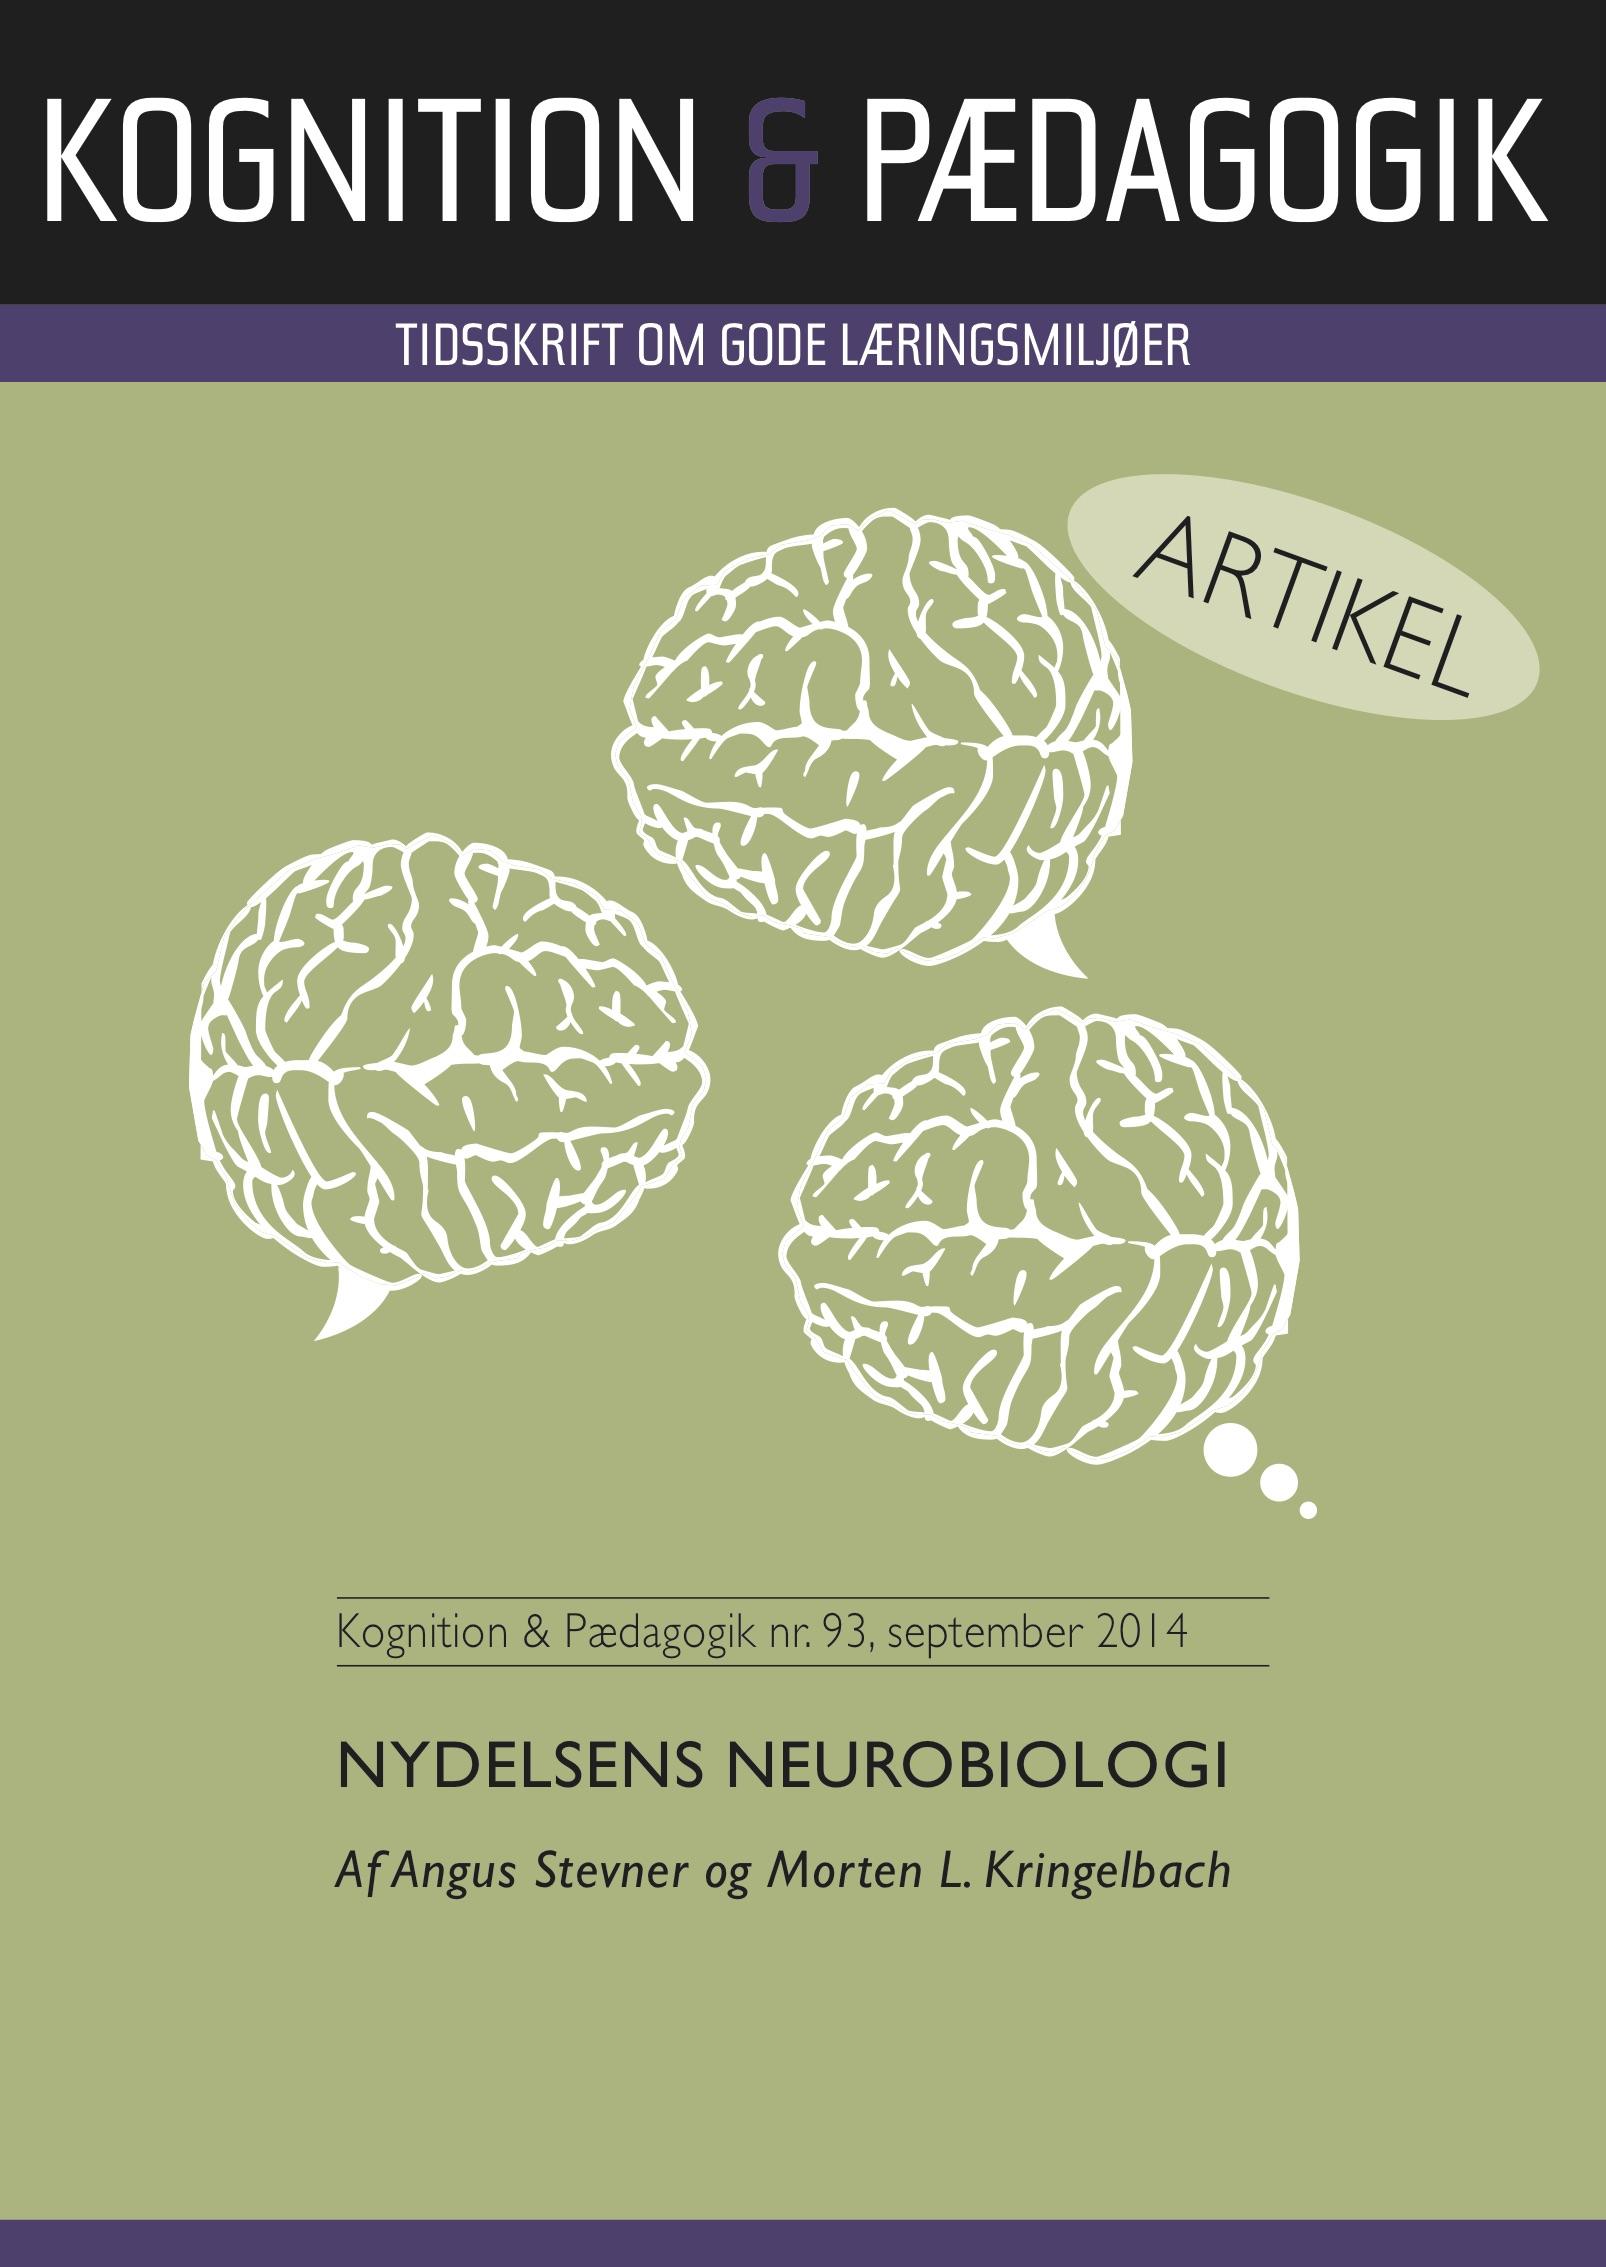 Nydelsens neurobiologi - e-bog fra N/A på bog & mystik